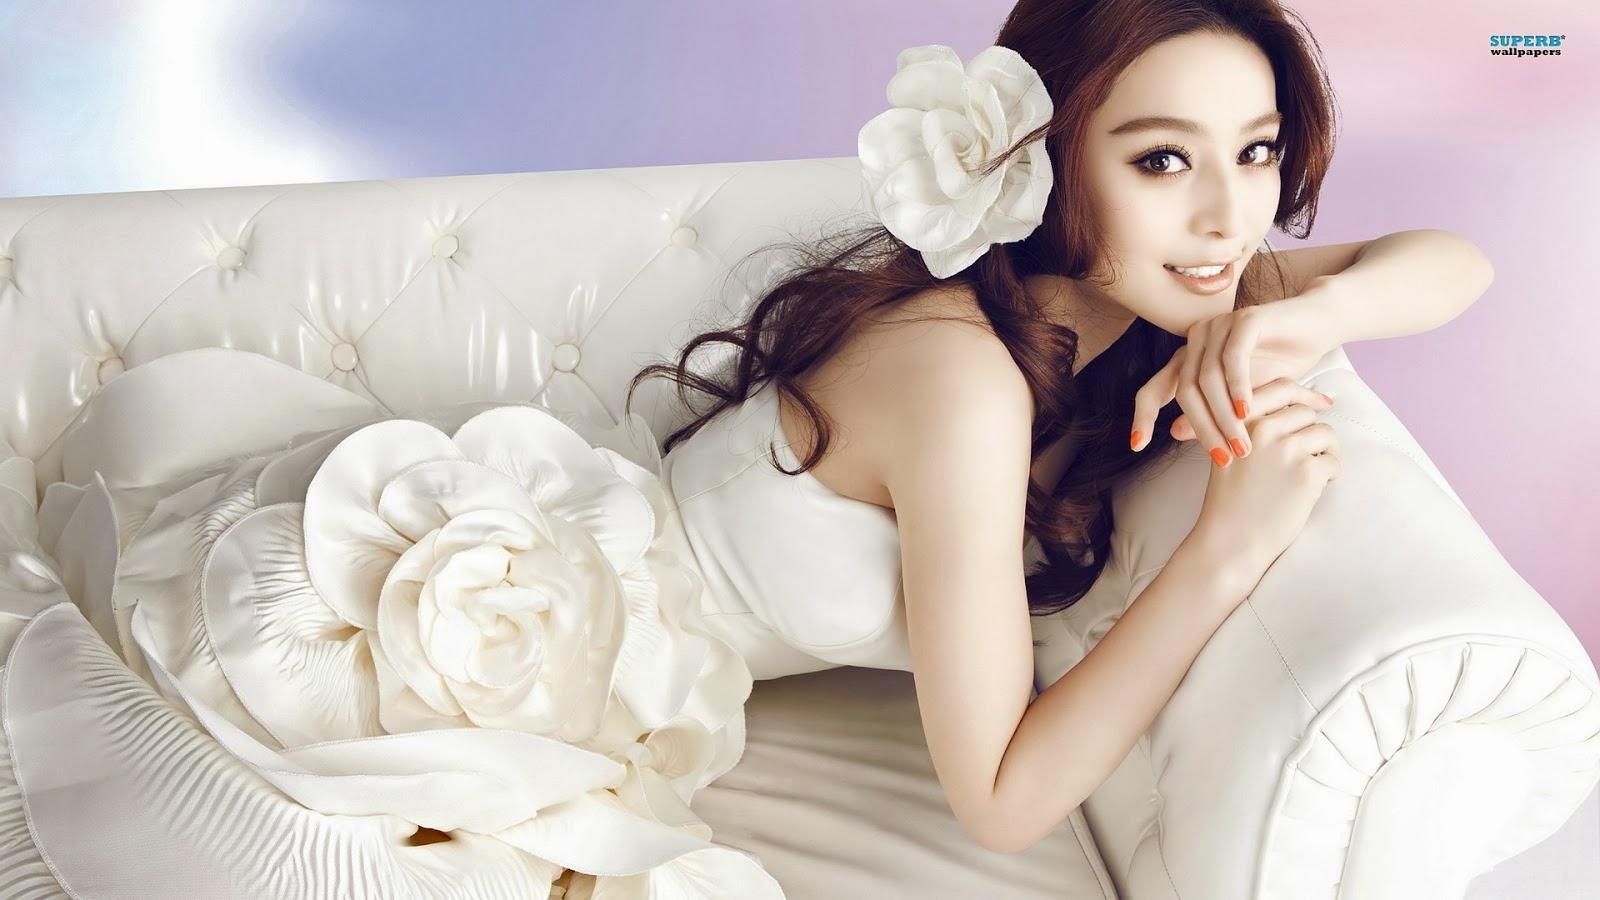 fan bingbing hot chinese - photo #12